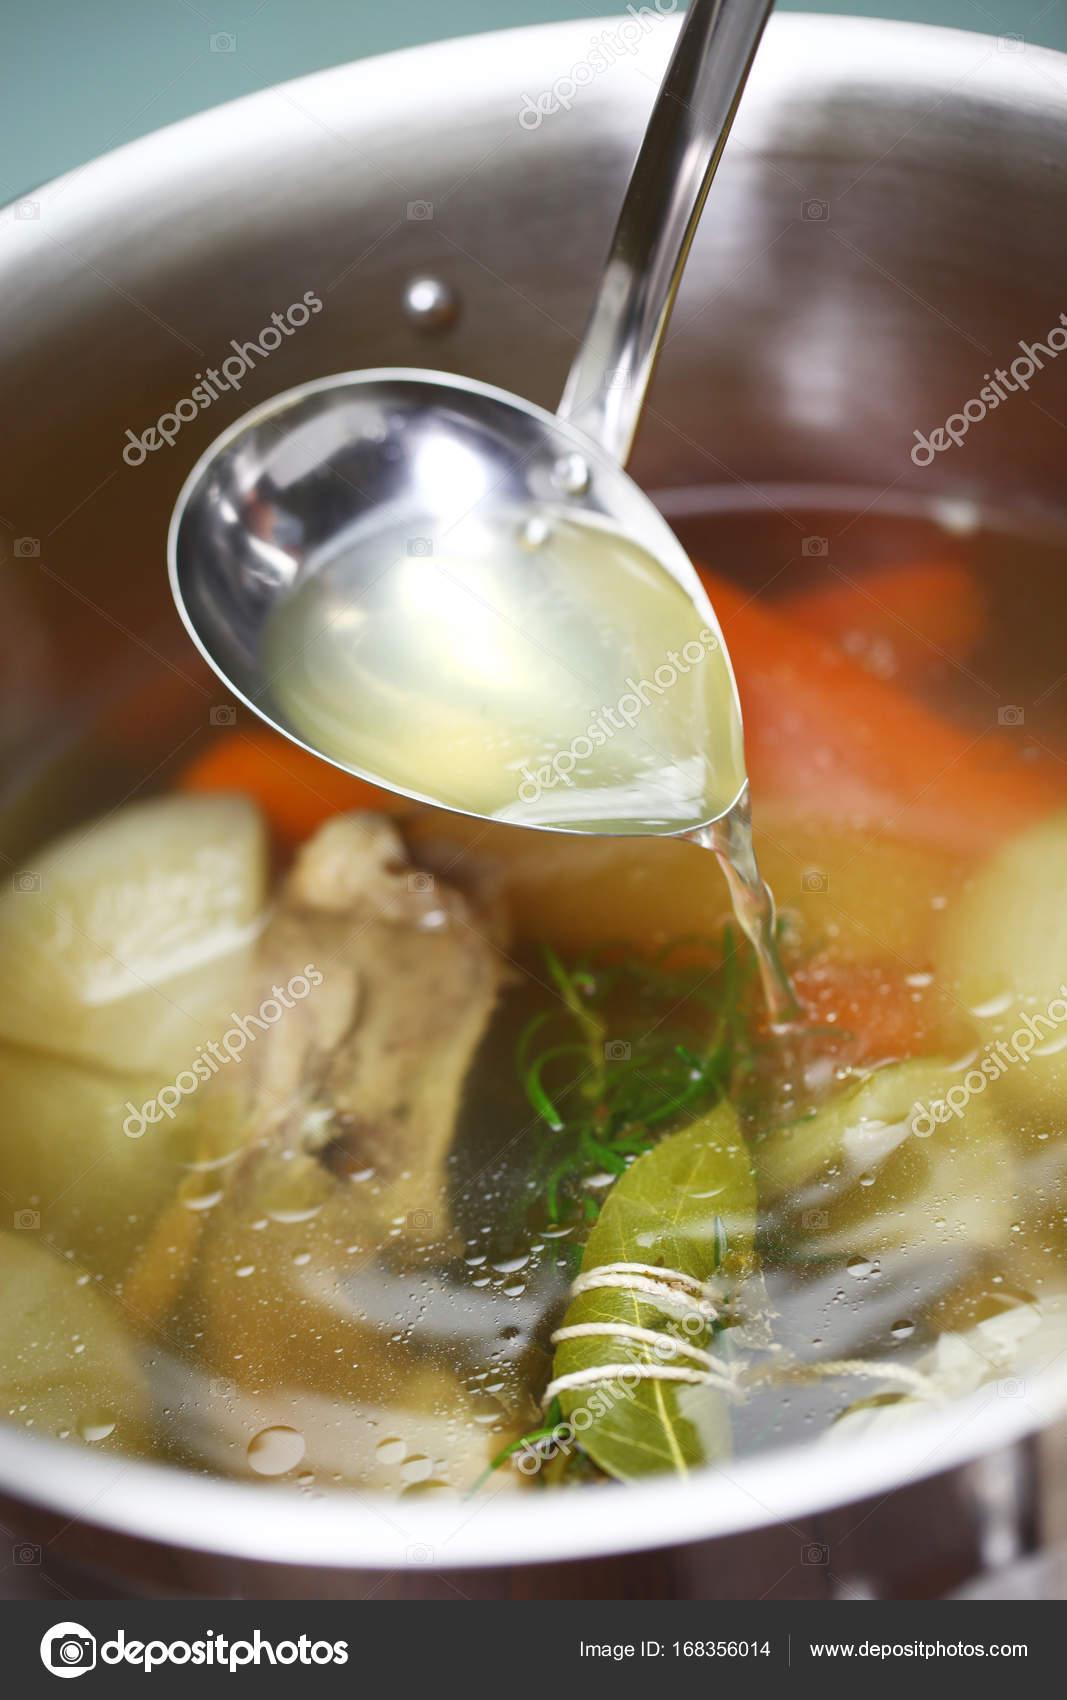 Фото приготовления куриного бульона